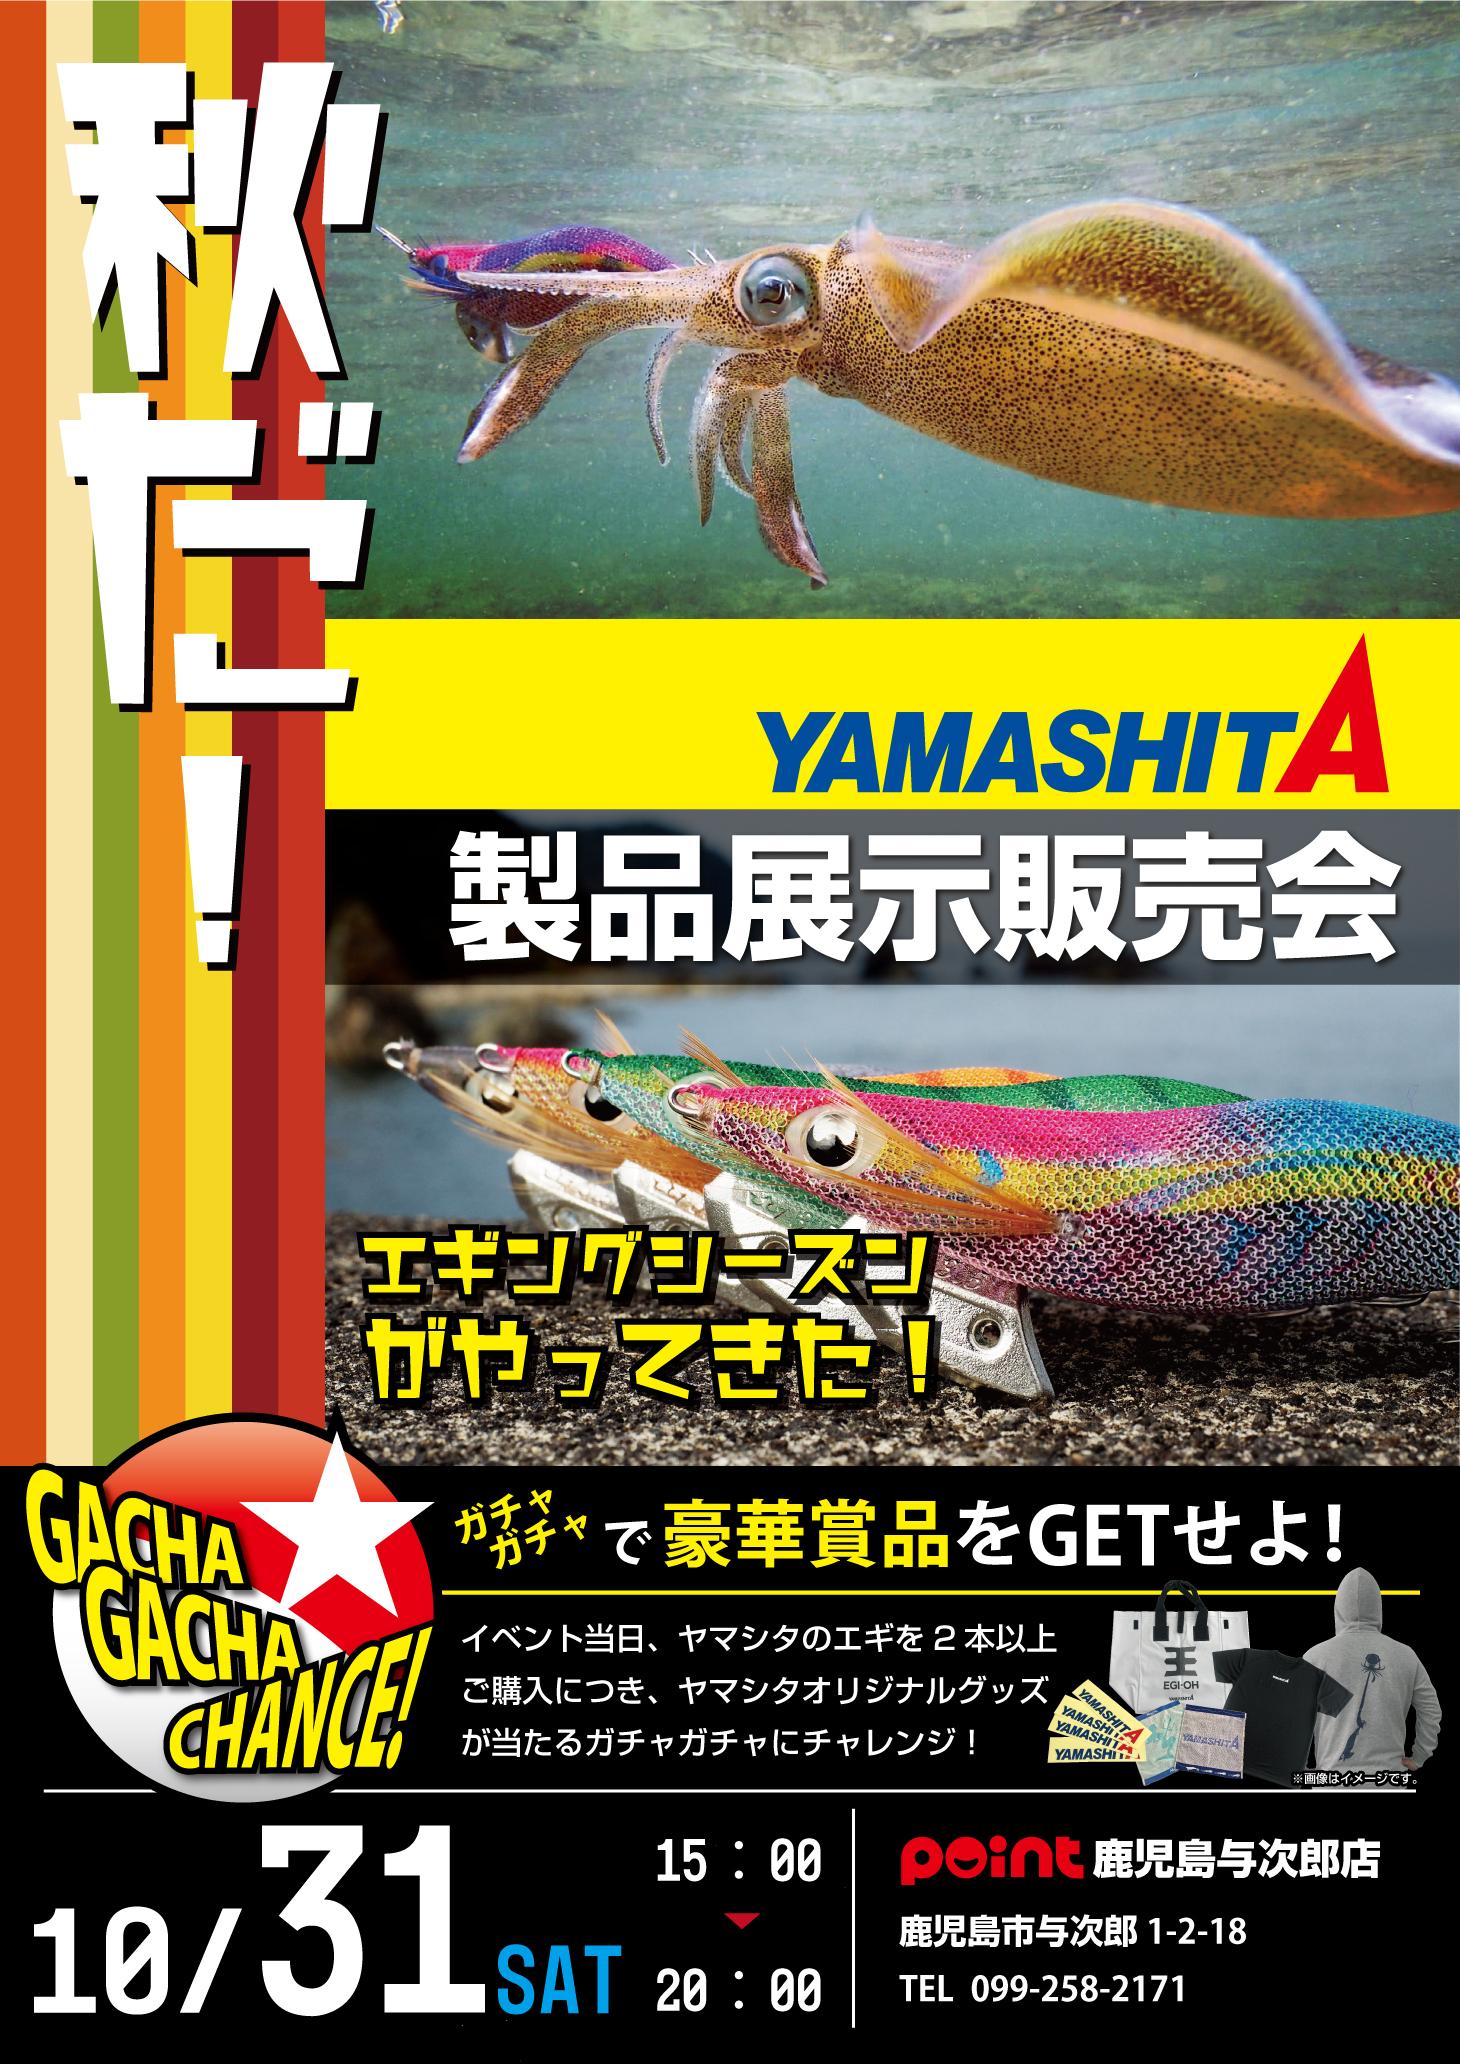 Yamashita製品展示受注会 与次郎